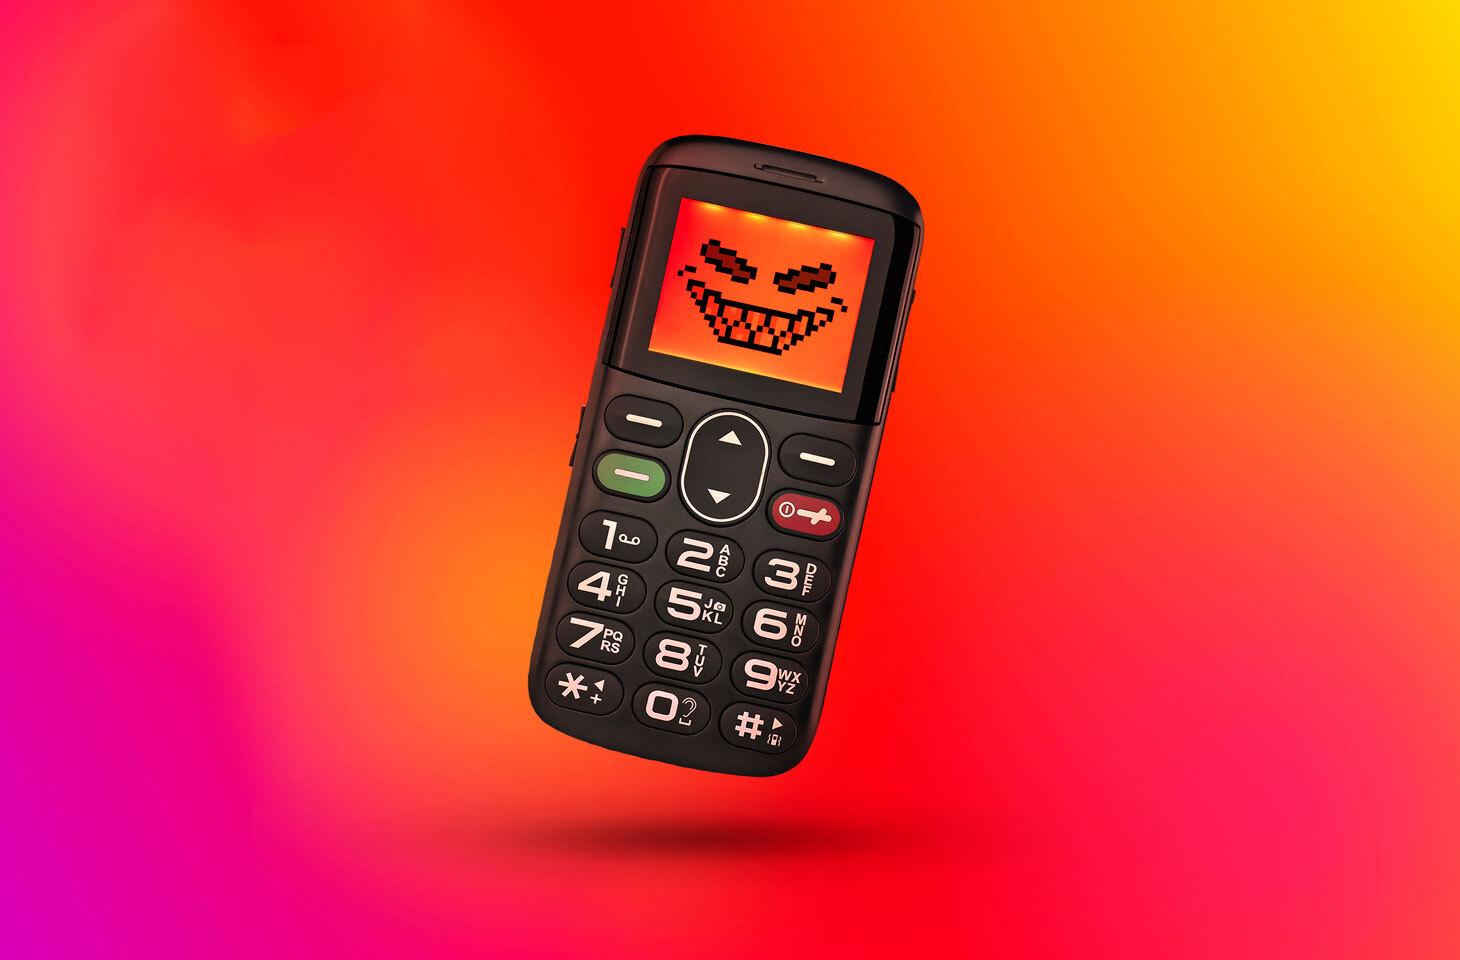 Anche telefoni con i tasti possono essere pericolosi | Blog ufficiale di Kaspersky